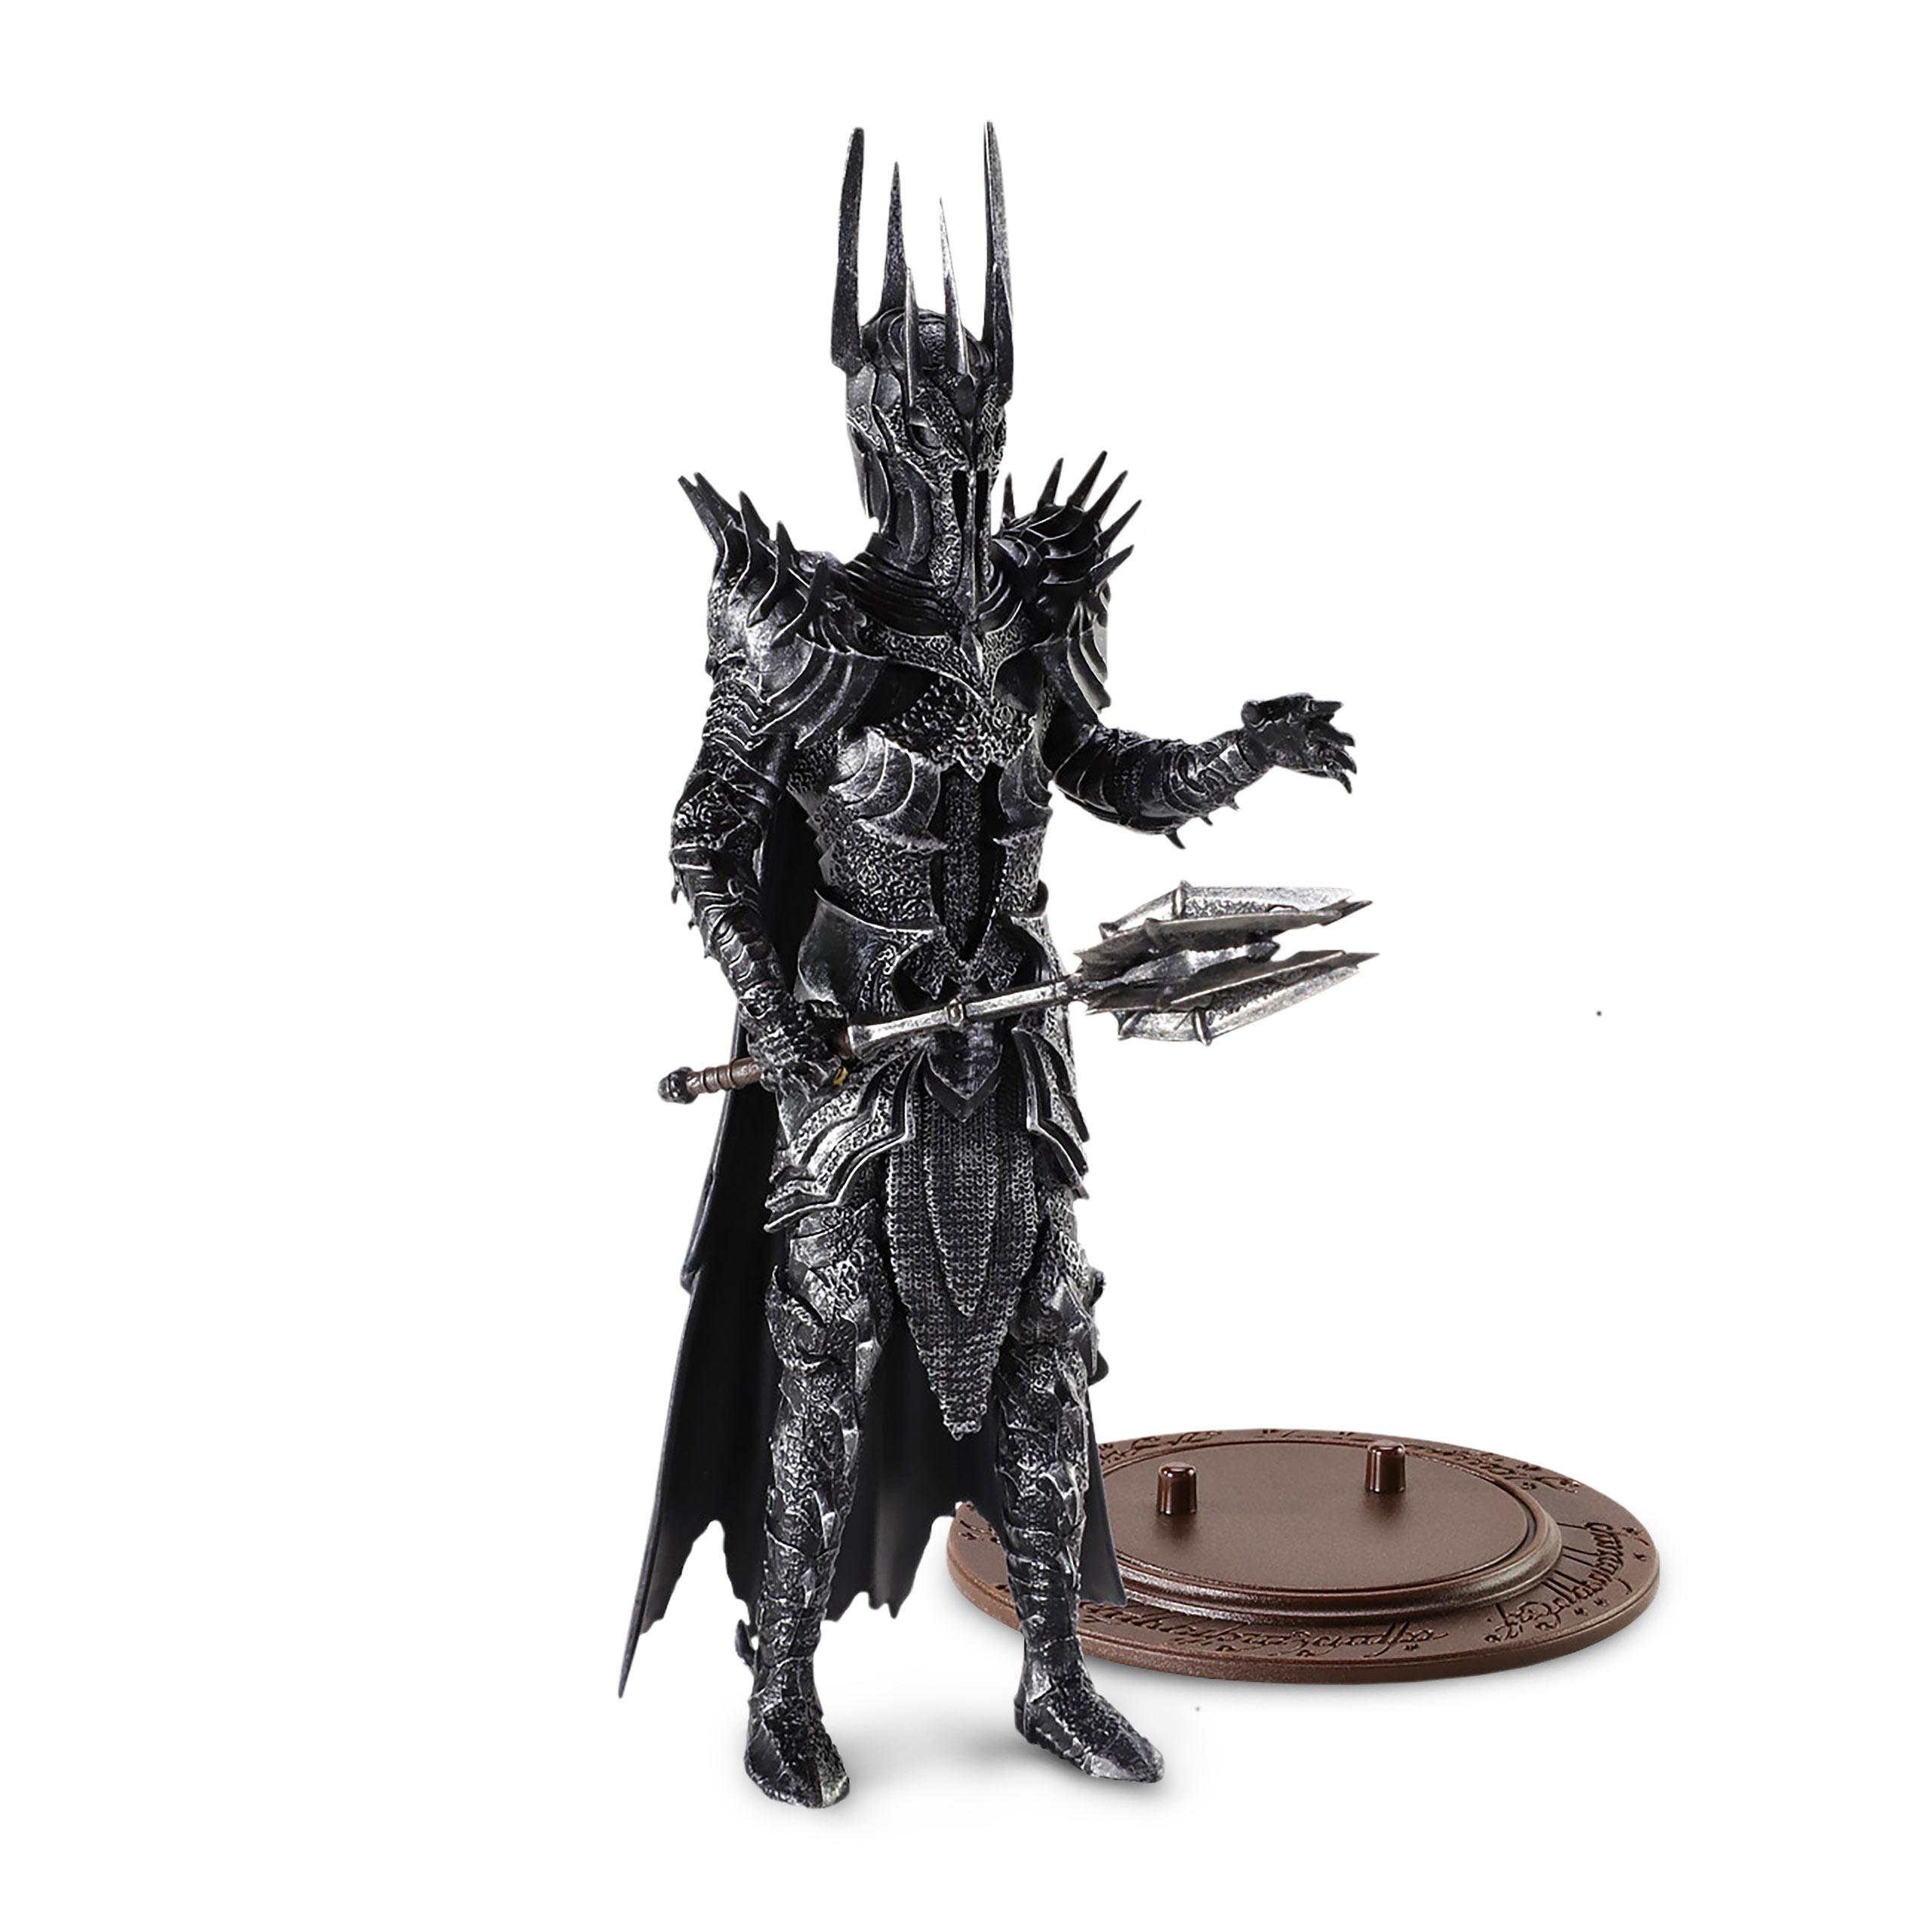 Herr der Ringe - Sauron Bendyfigs Figur 20 cm